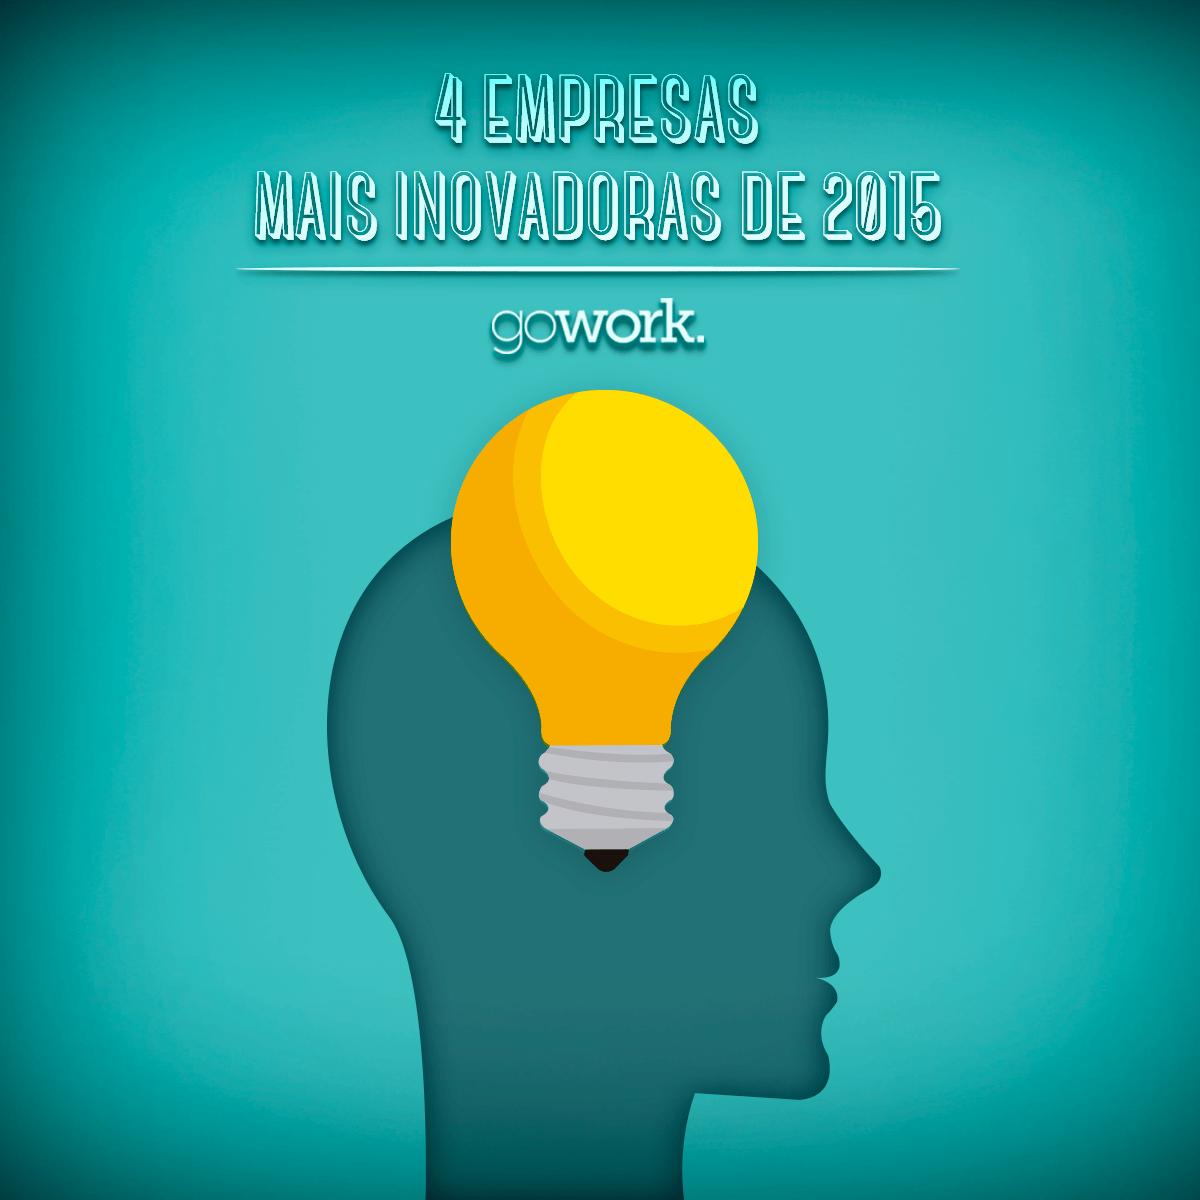 Gowork-Blog-29-12-15-Coworking-Empreendedorismo-5Empresas